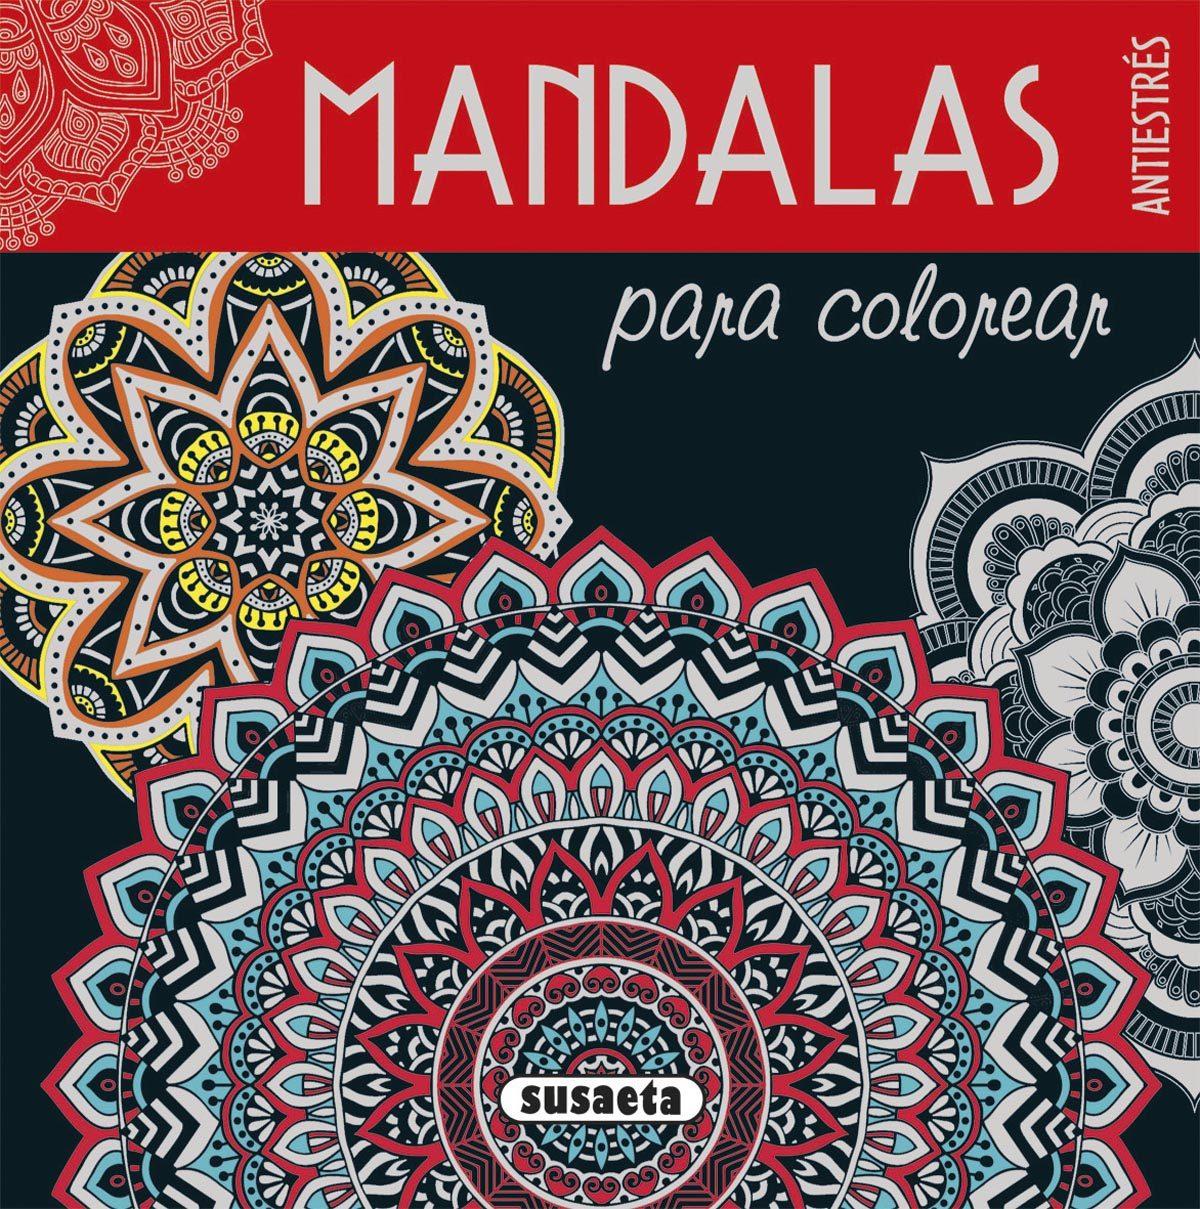 MANDALAS PARA COLOREAR ANTIESTRES | VV.AA. | Comprar libro